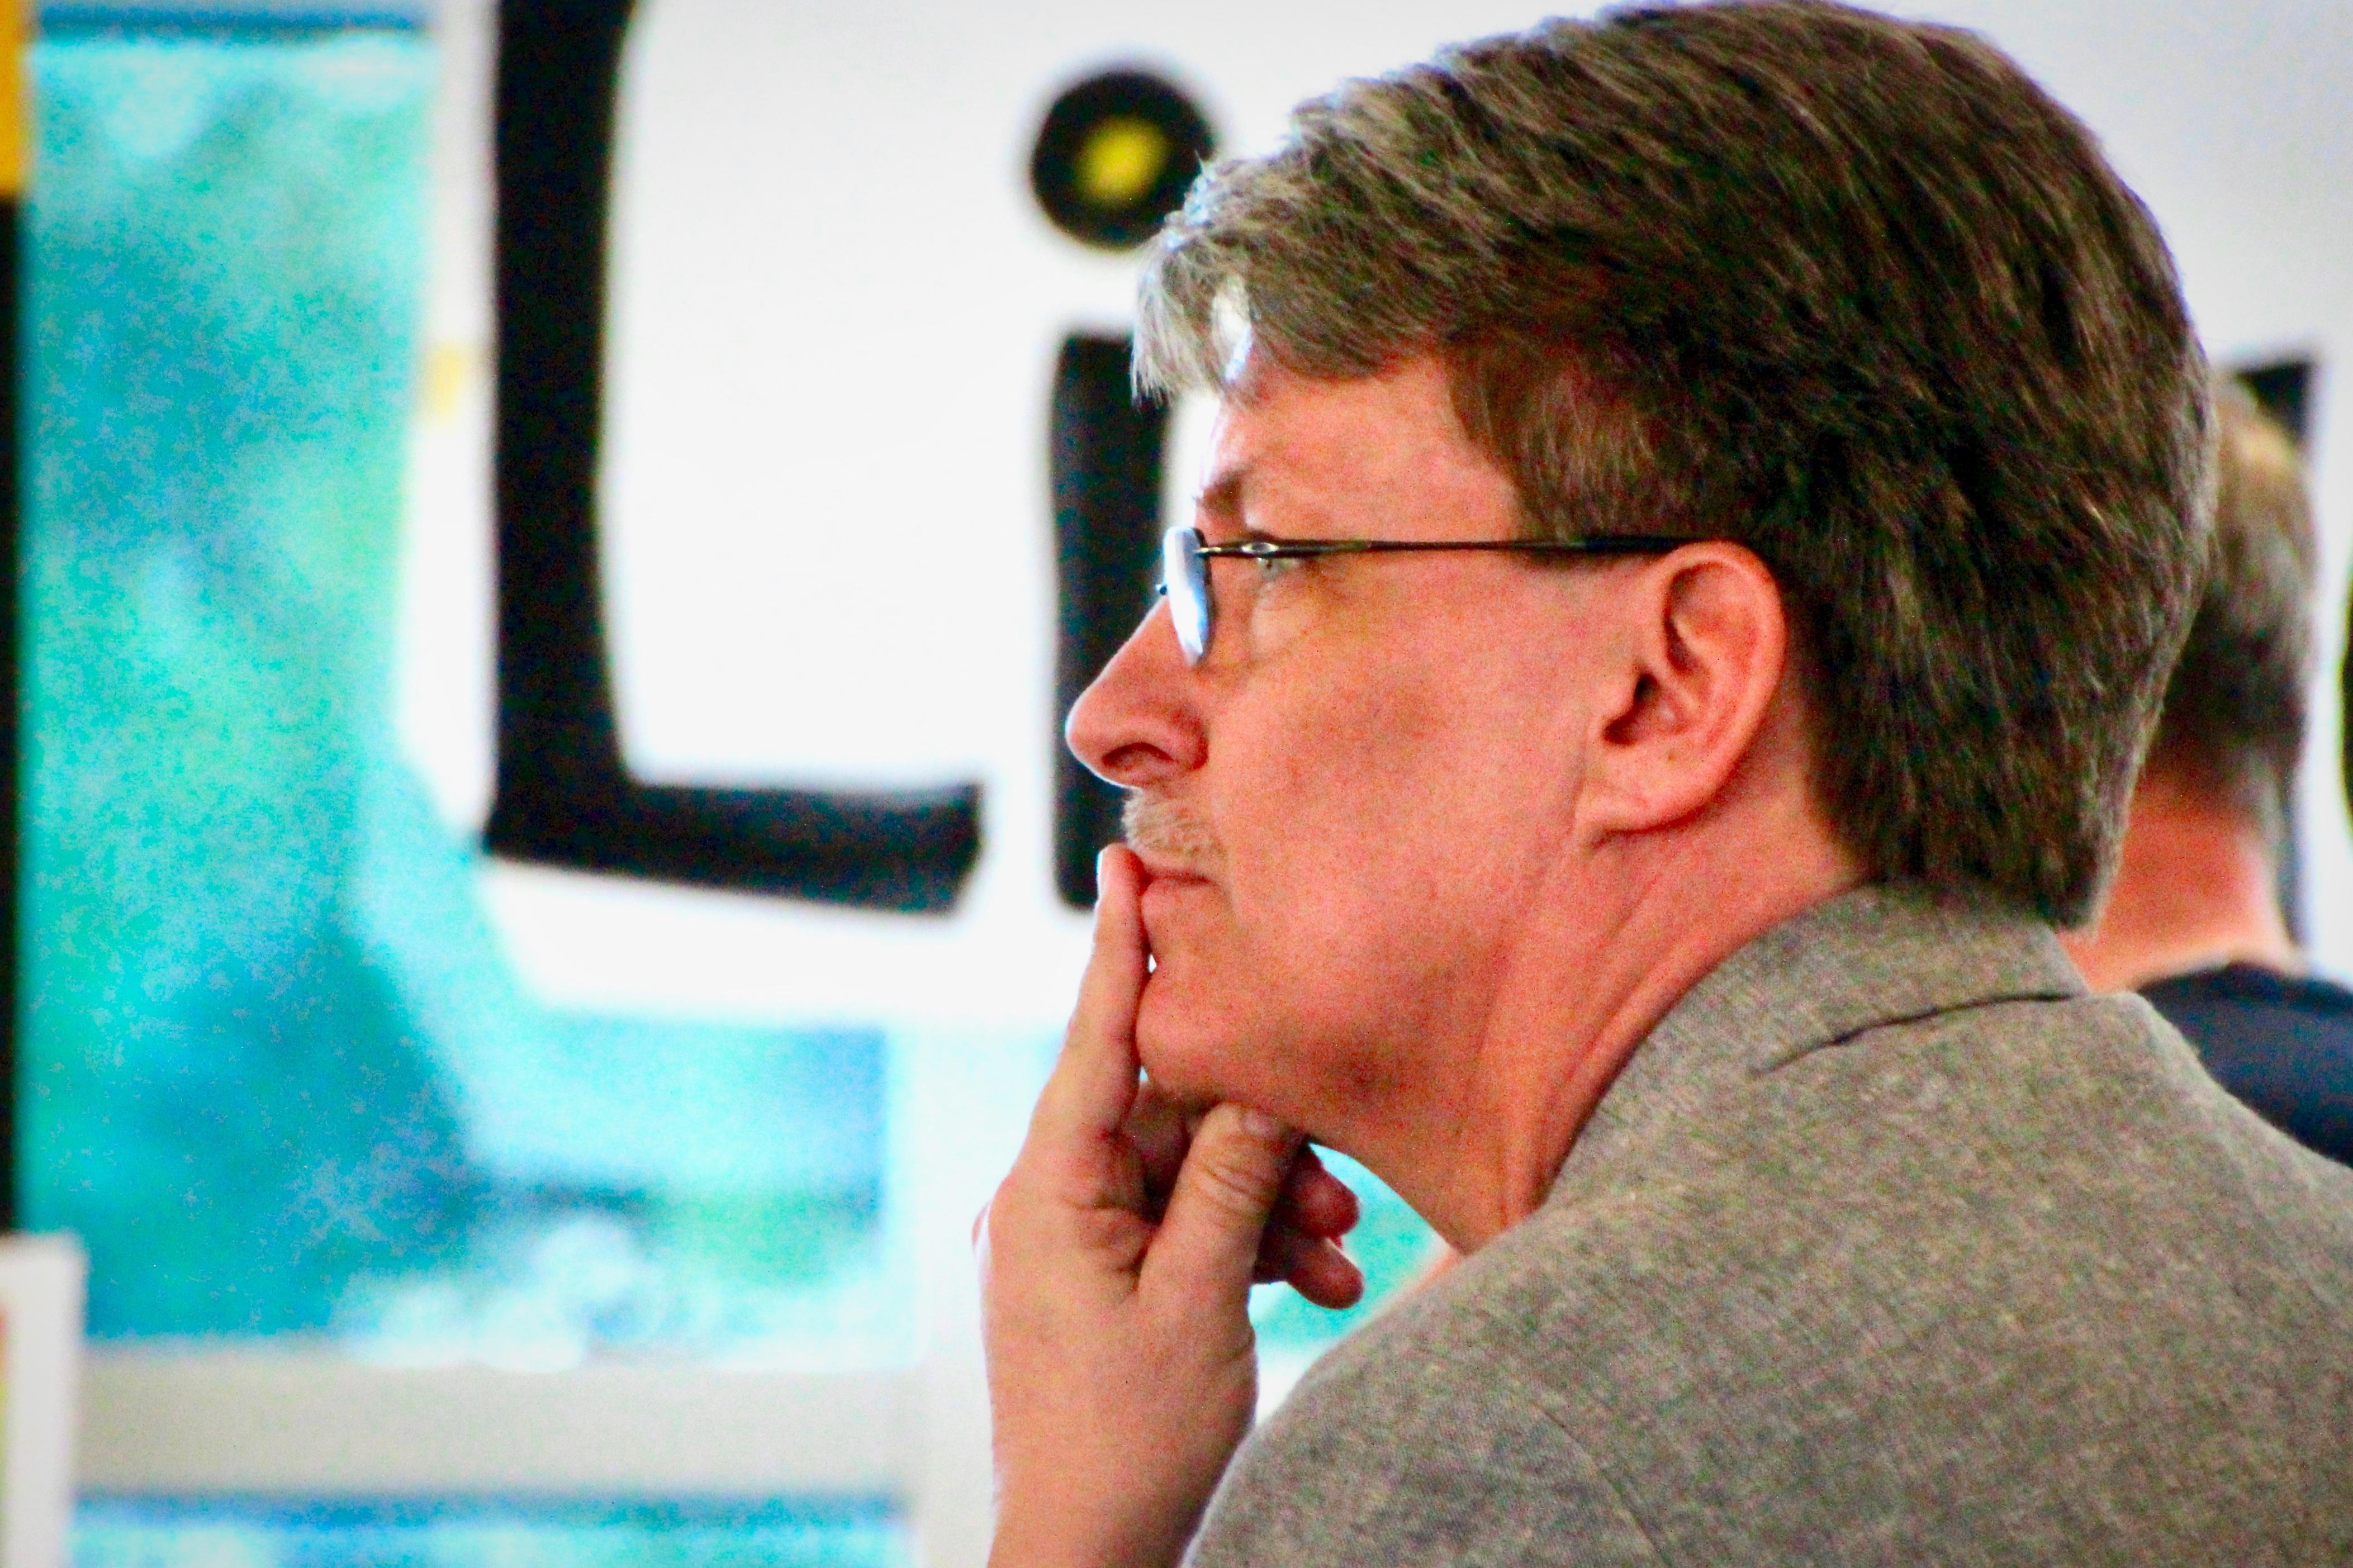 Dr. Bill Thomas in Profile